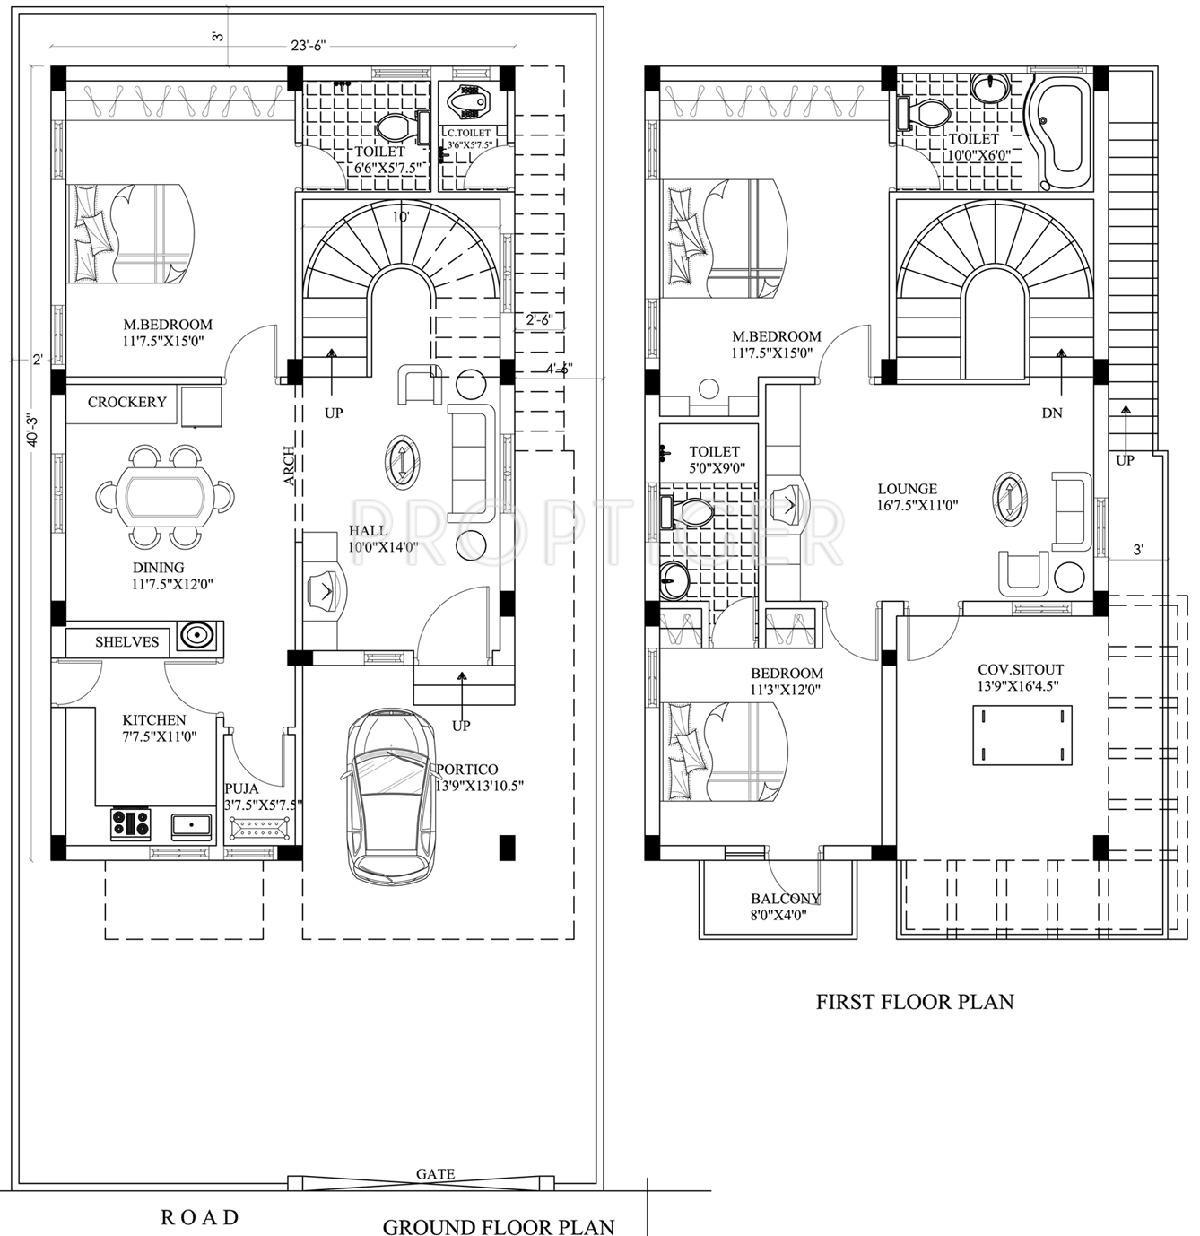 100 floor plans for 1800 sq ft homes best 20 for 1800 50 floor